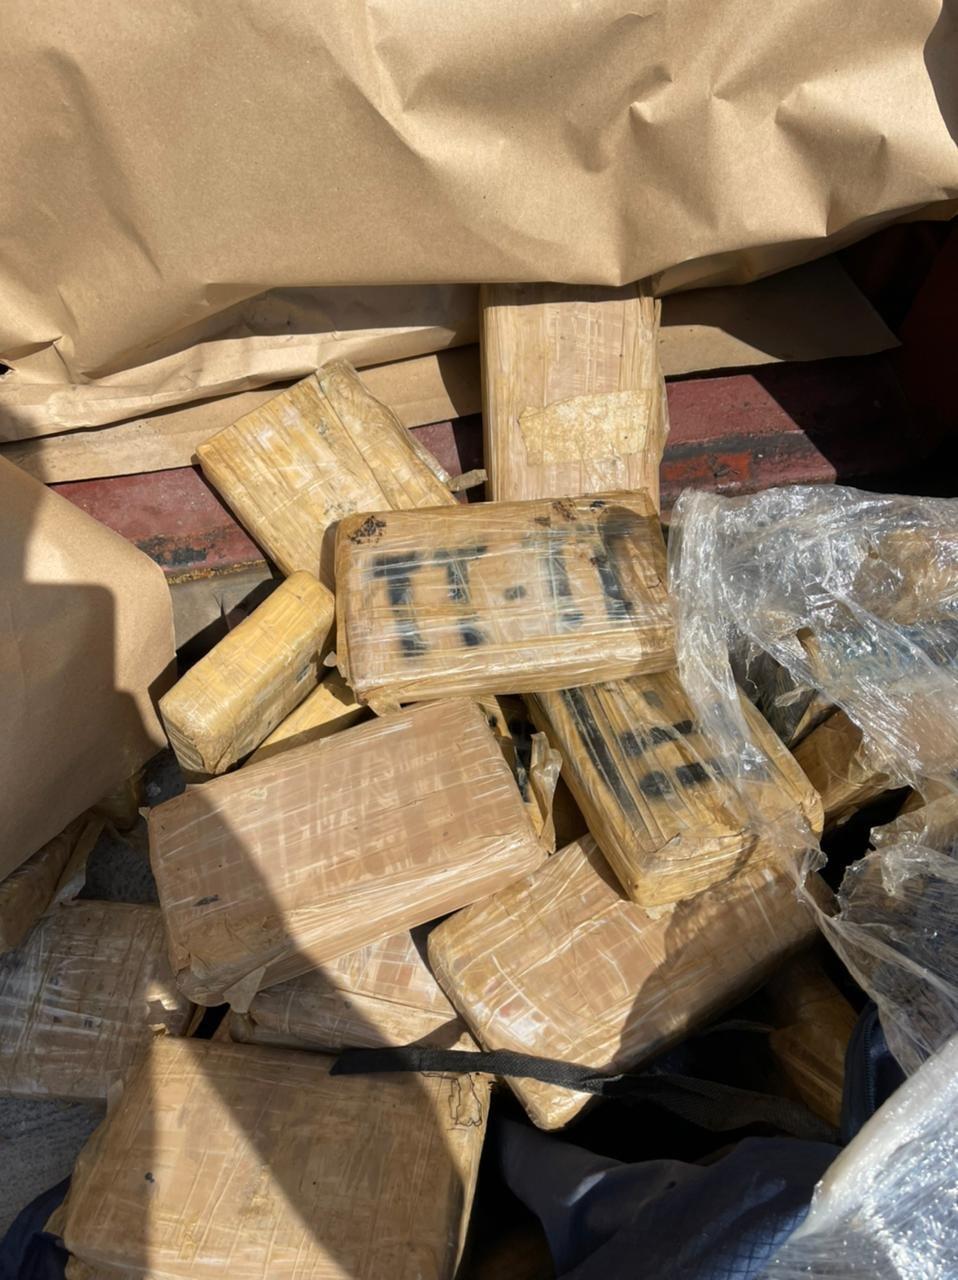 Λιμάνι Πειραιά: Μαμούθ-ποσότητα κοκαΐνης βρέθηκε σε τσουβάλια καφέ